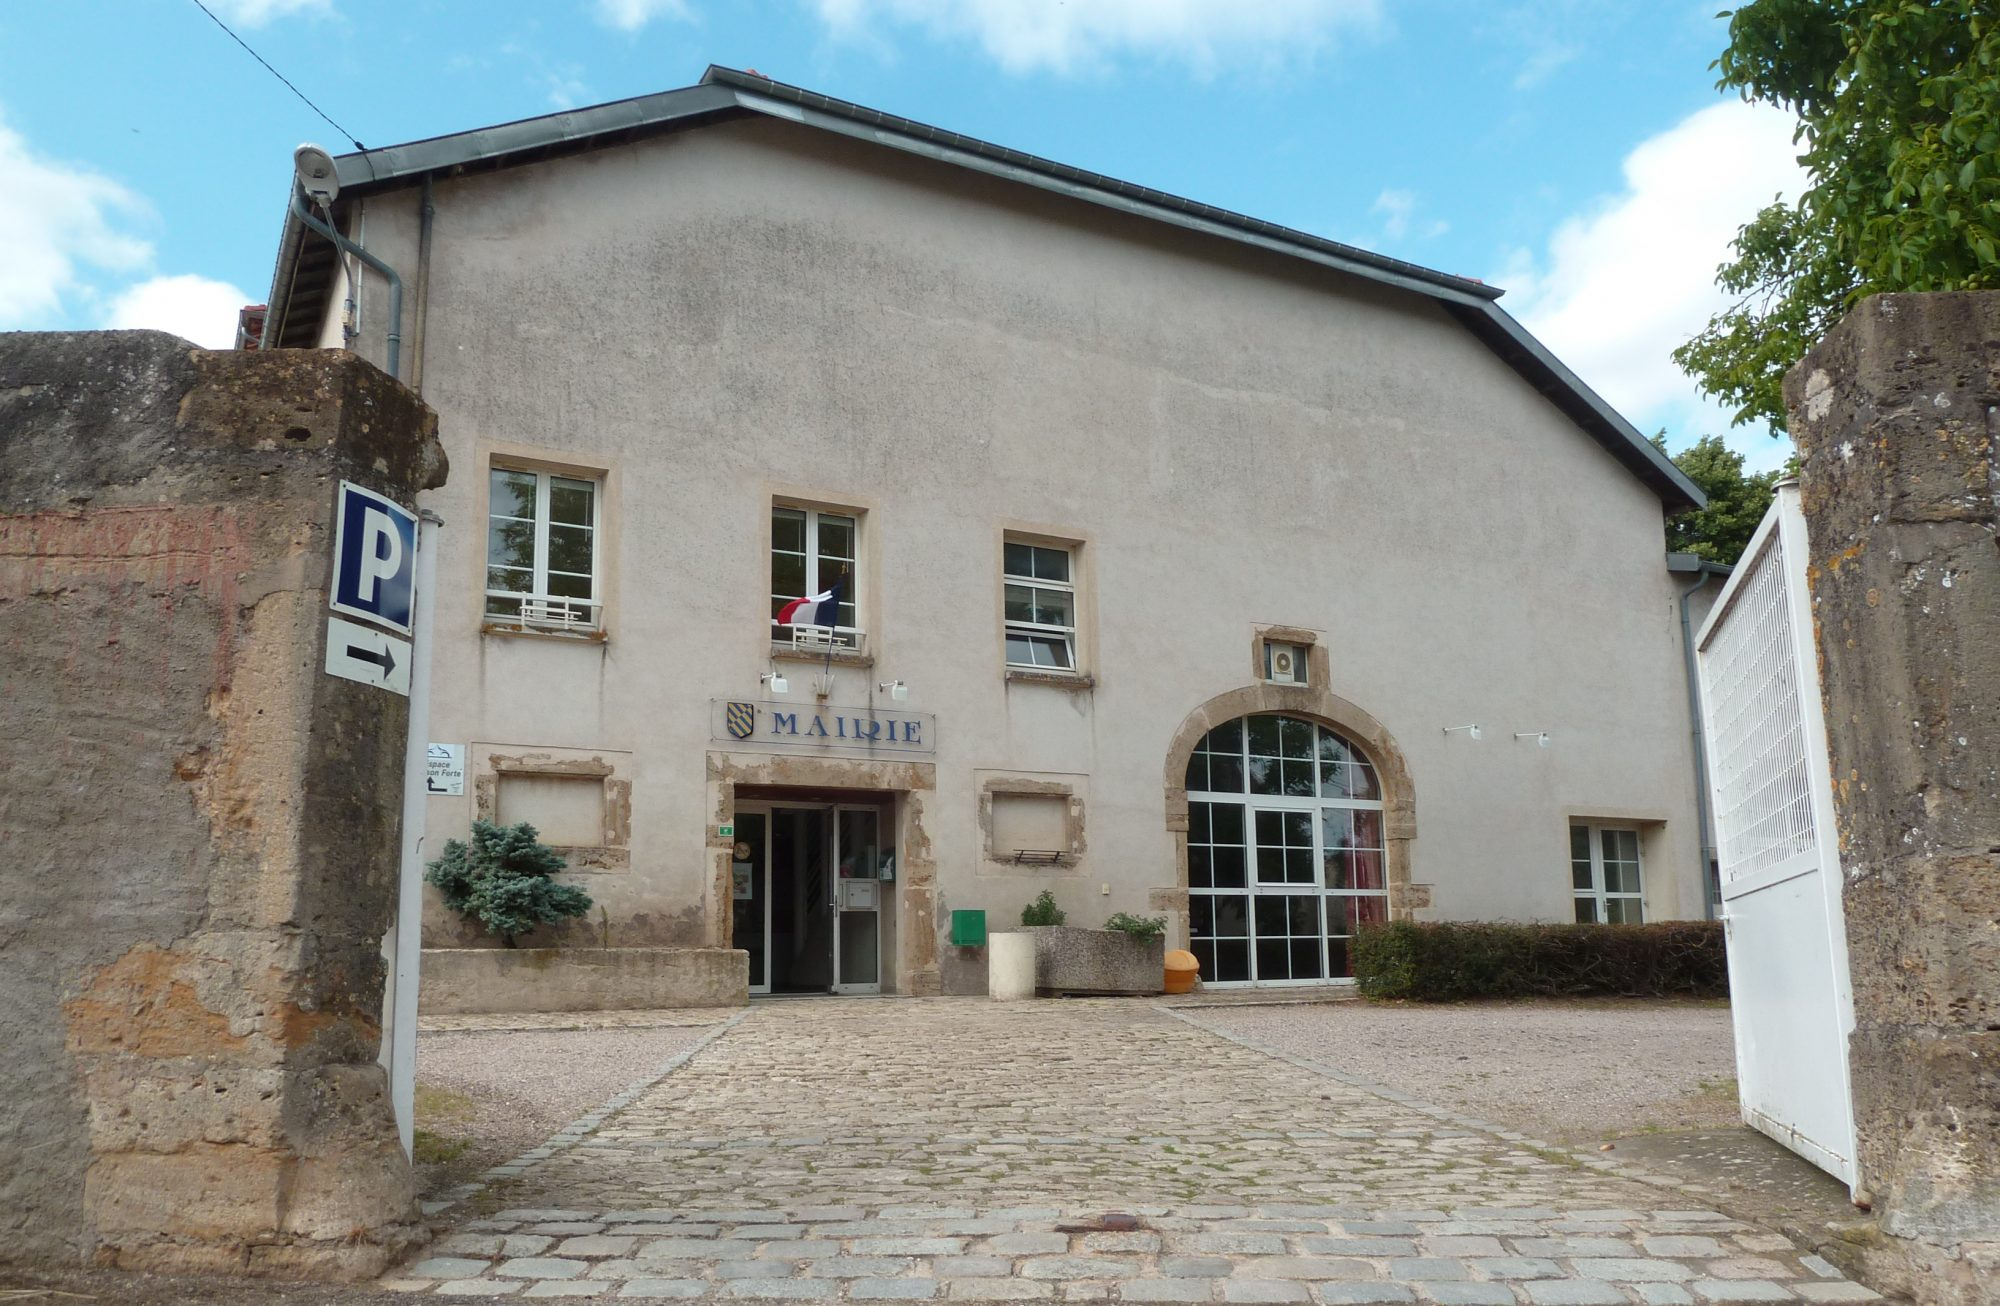 Dommartin-sous-Amance